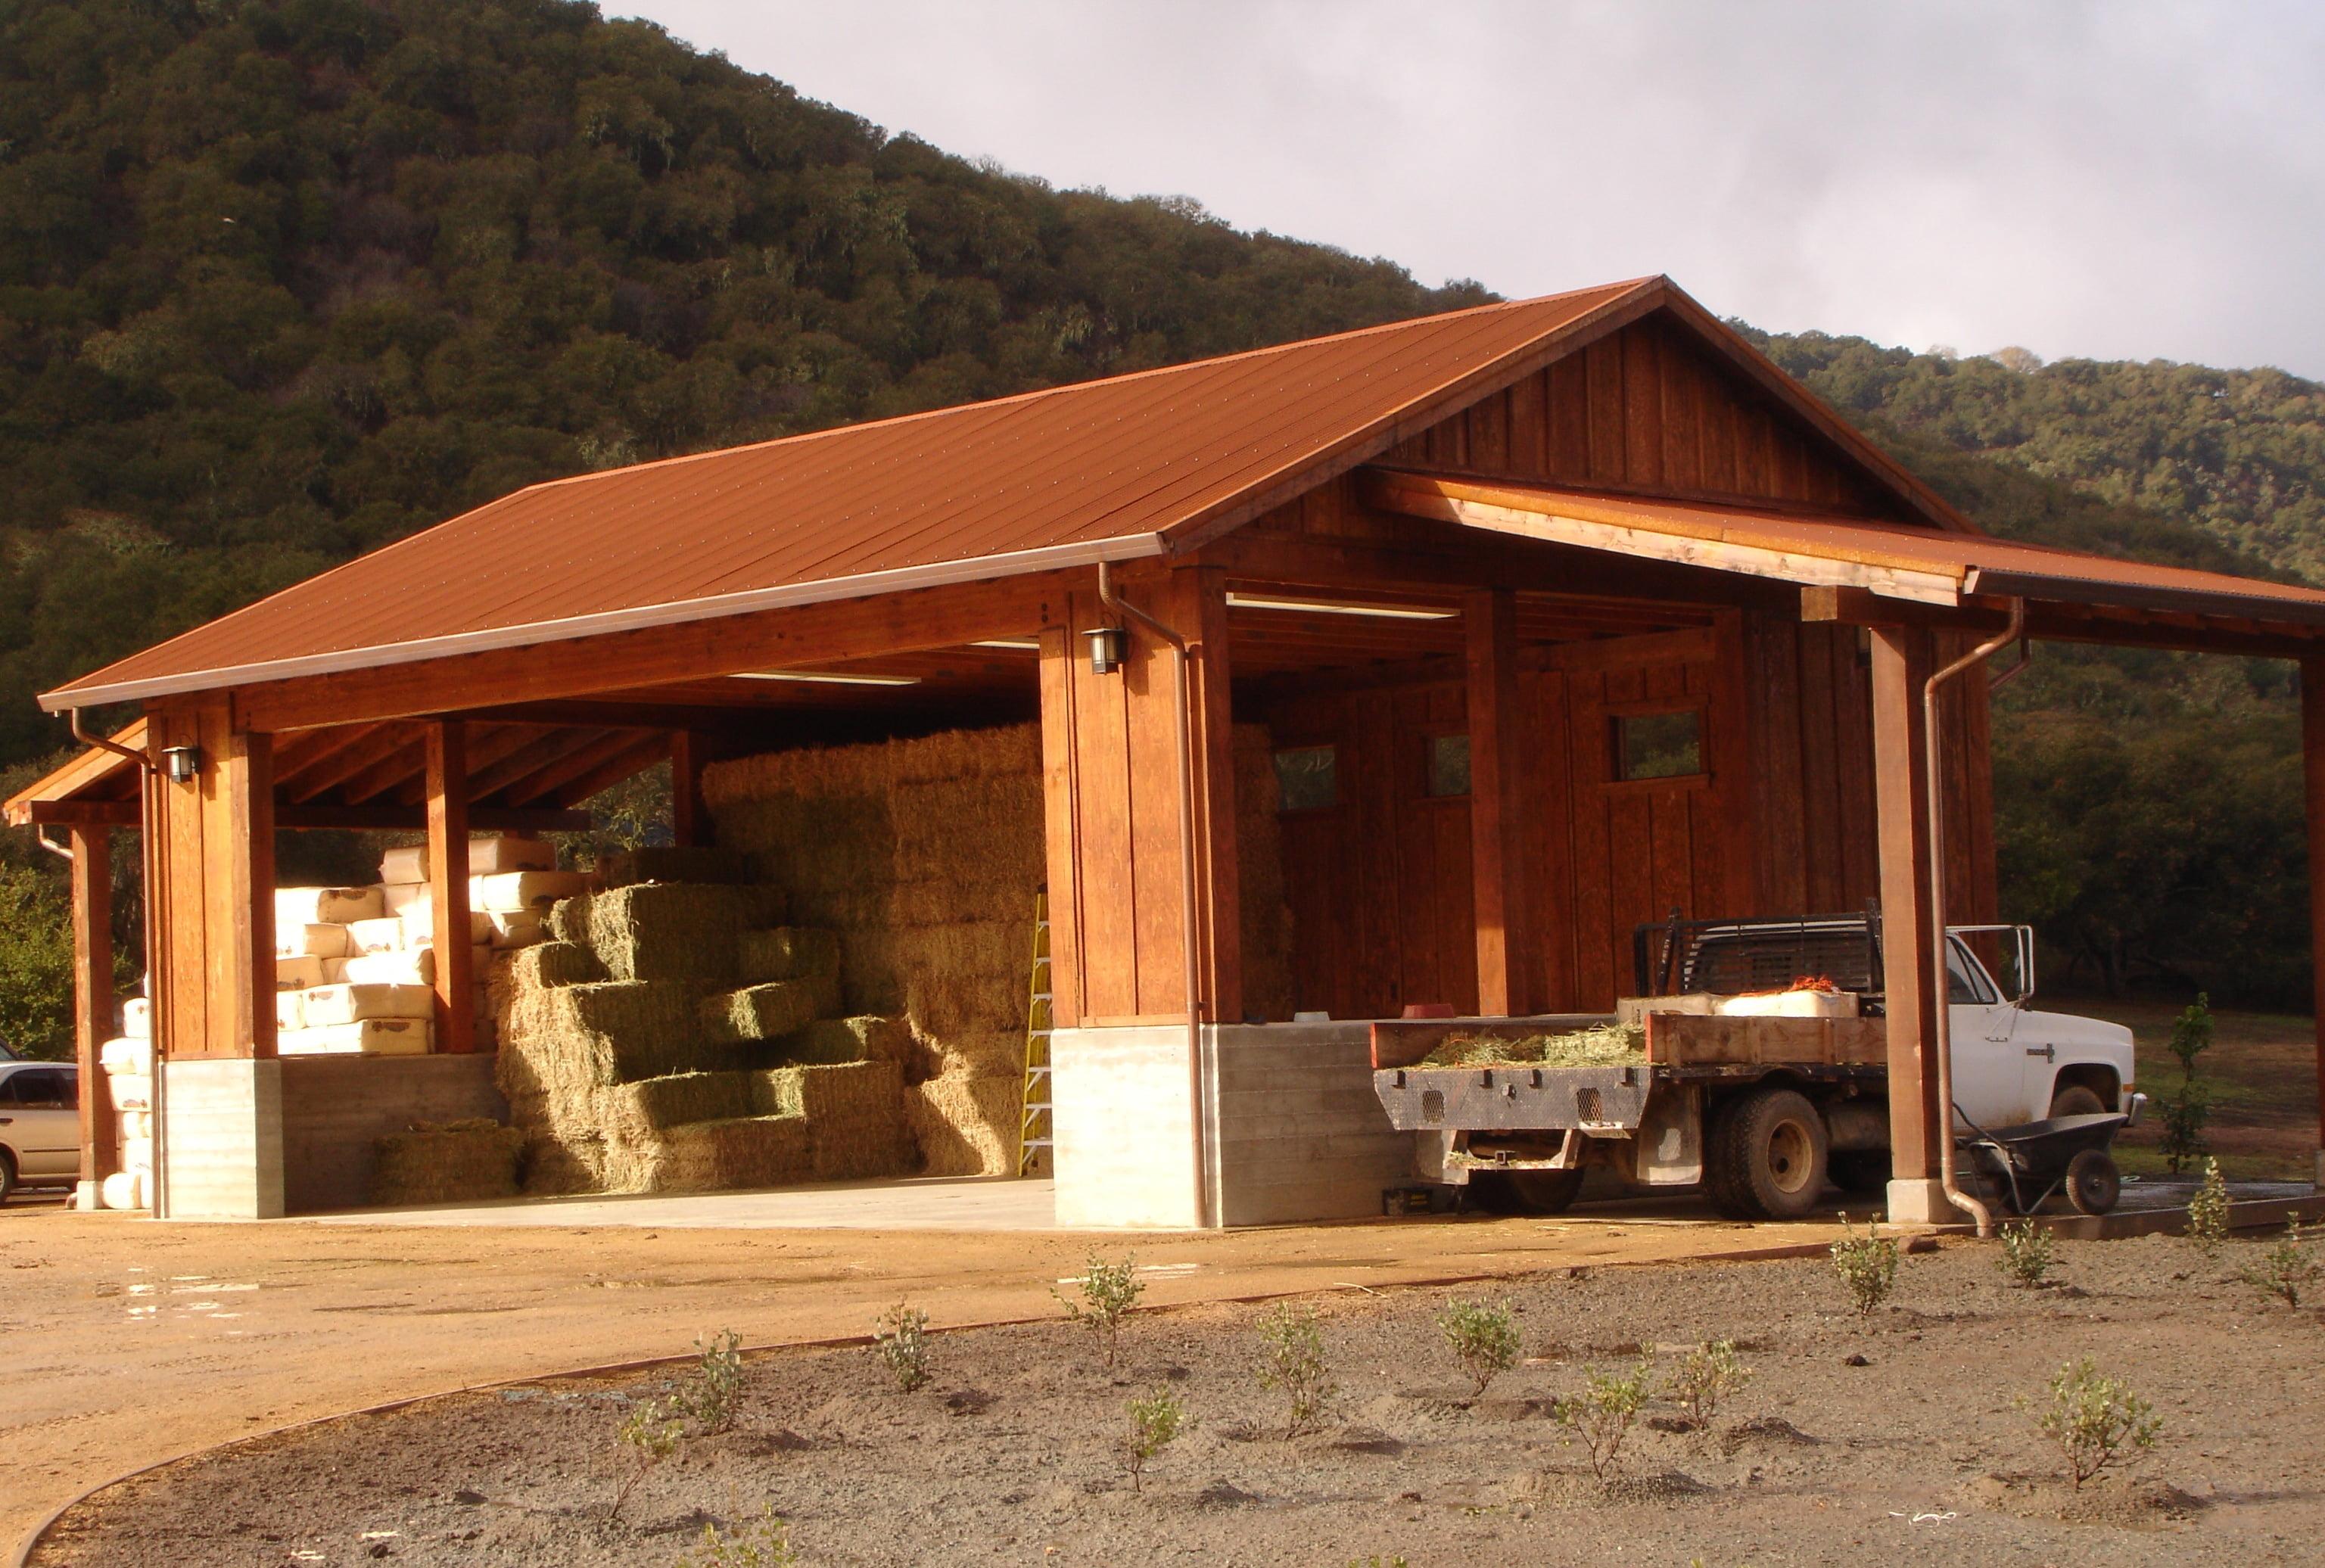 Ranch - OutbuildingsRanch - Outbuildings